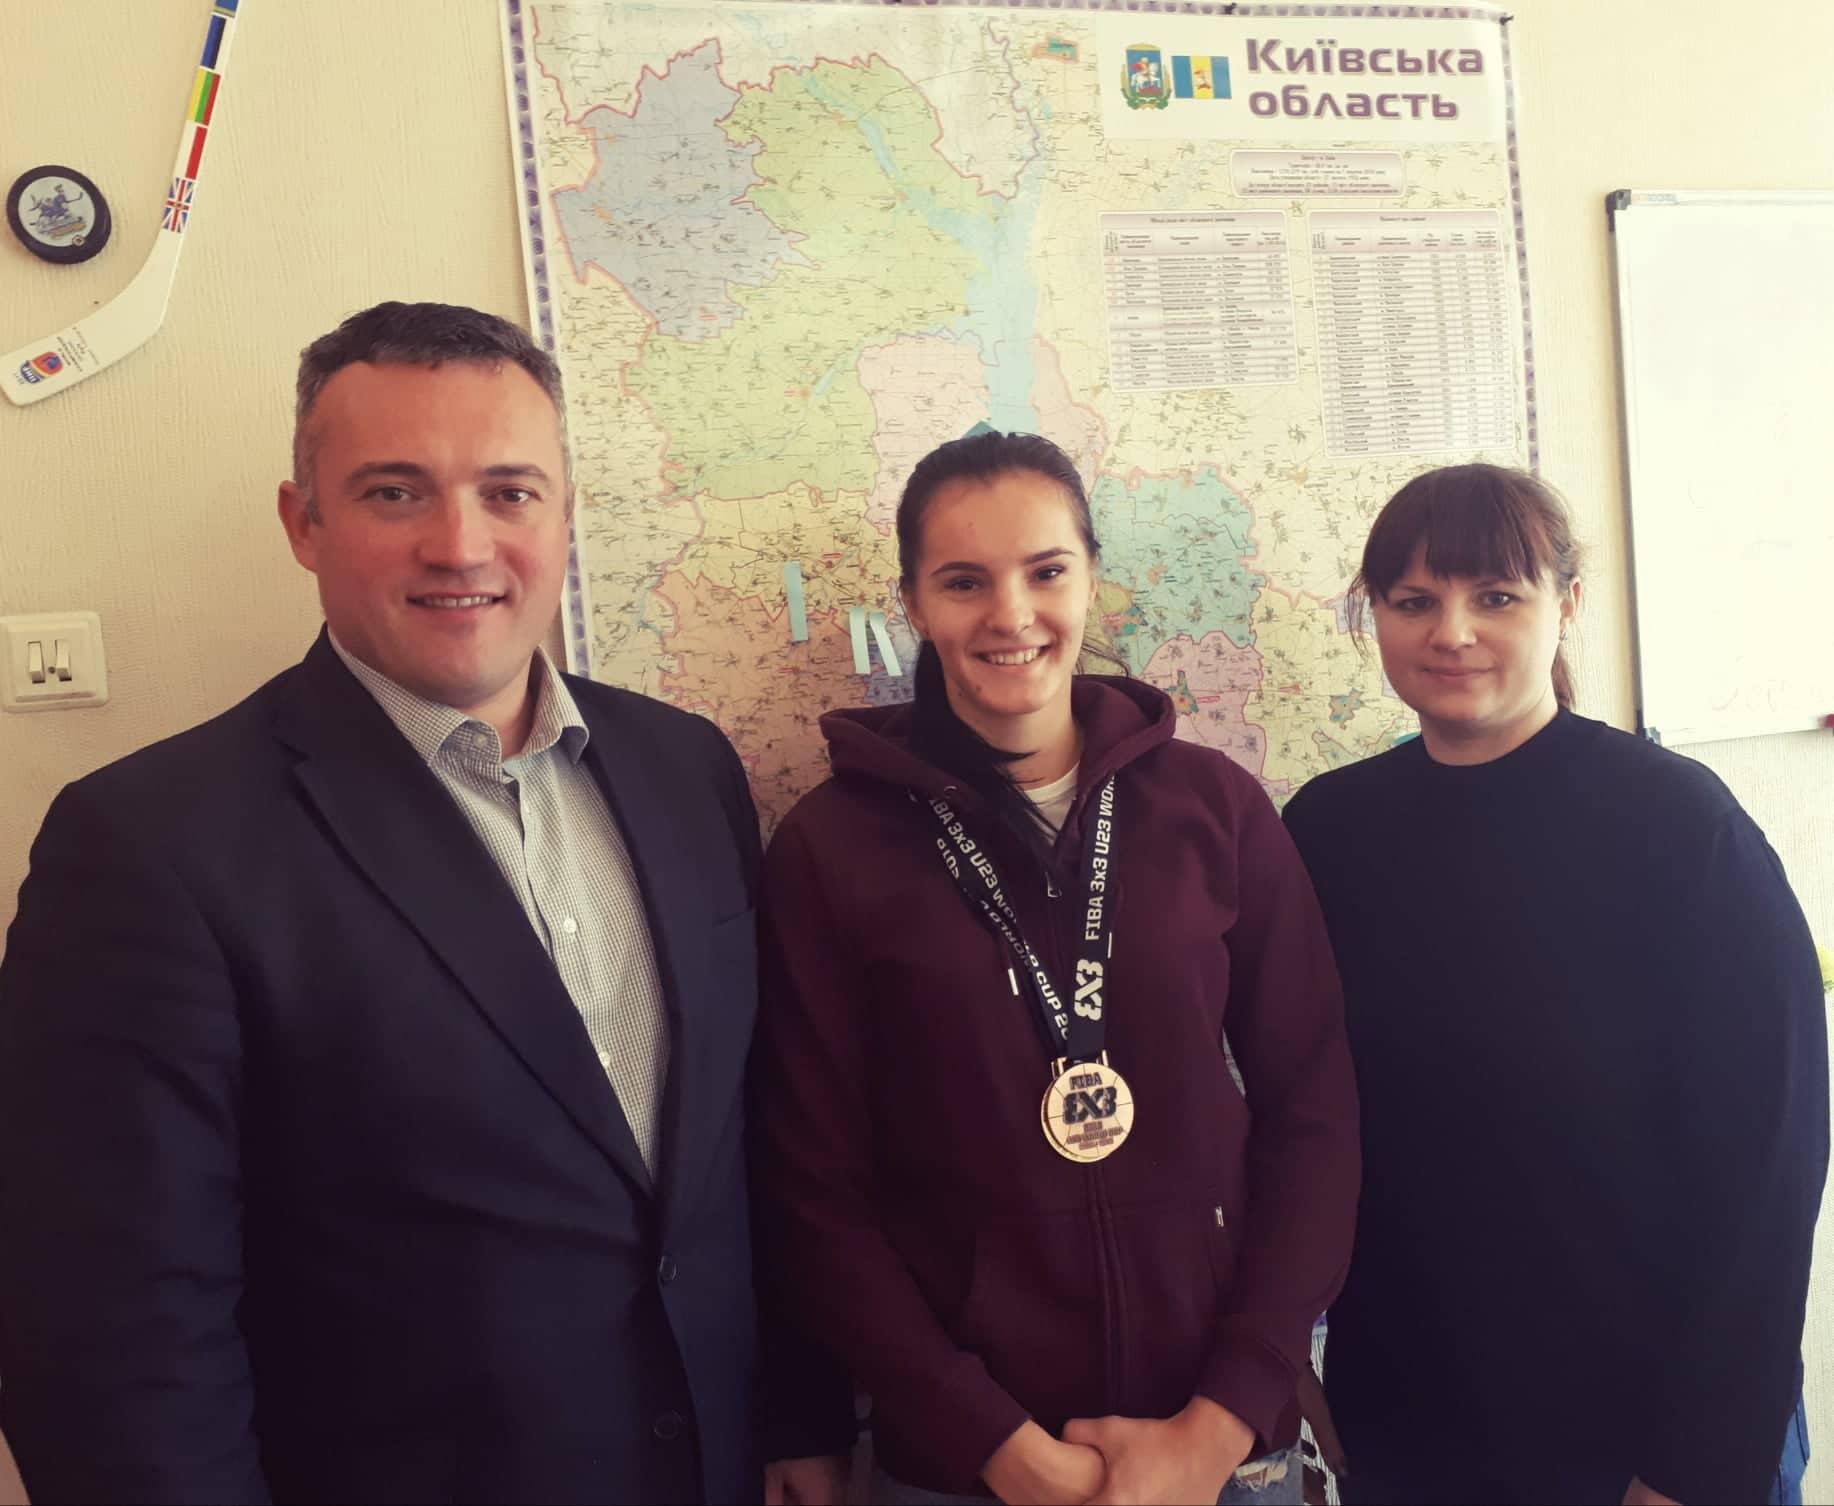 Сергій Тимофєєв, Вікторія Кондусь, Ірина Бикова. Фото